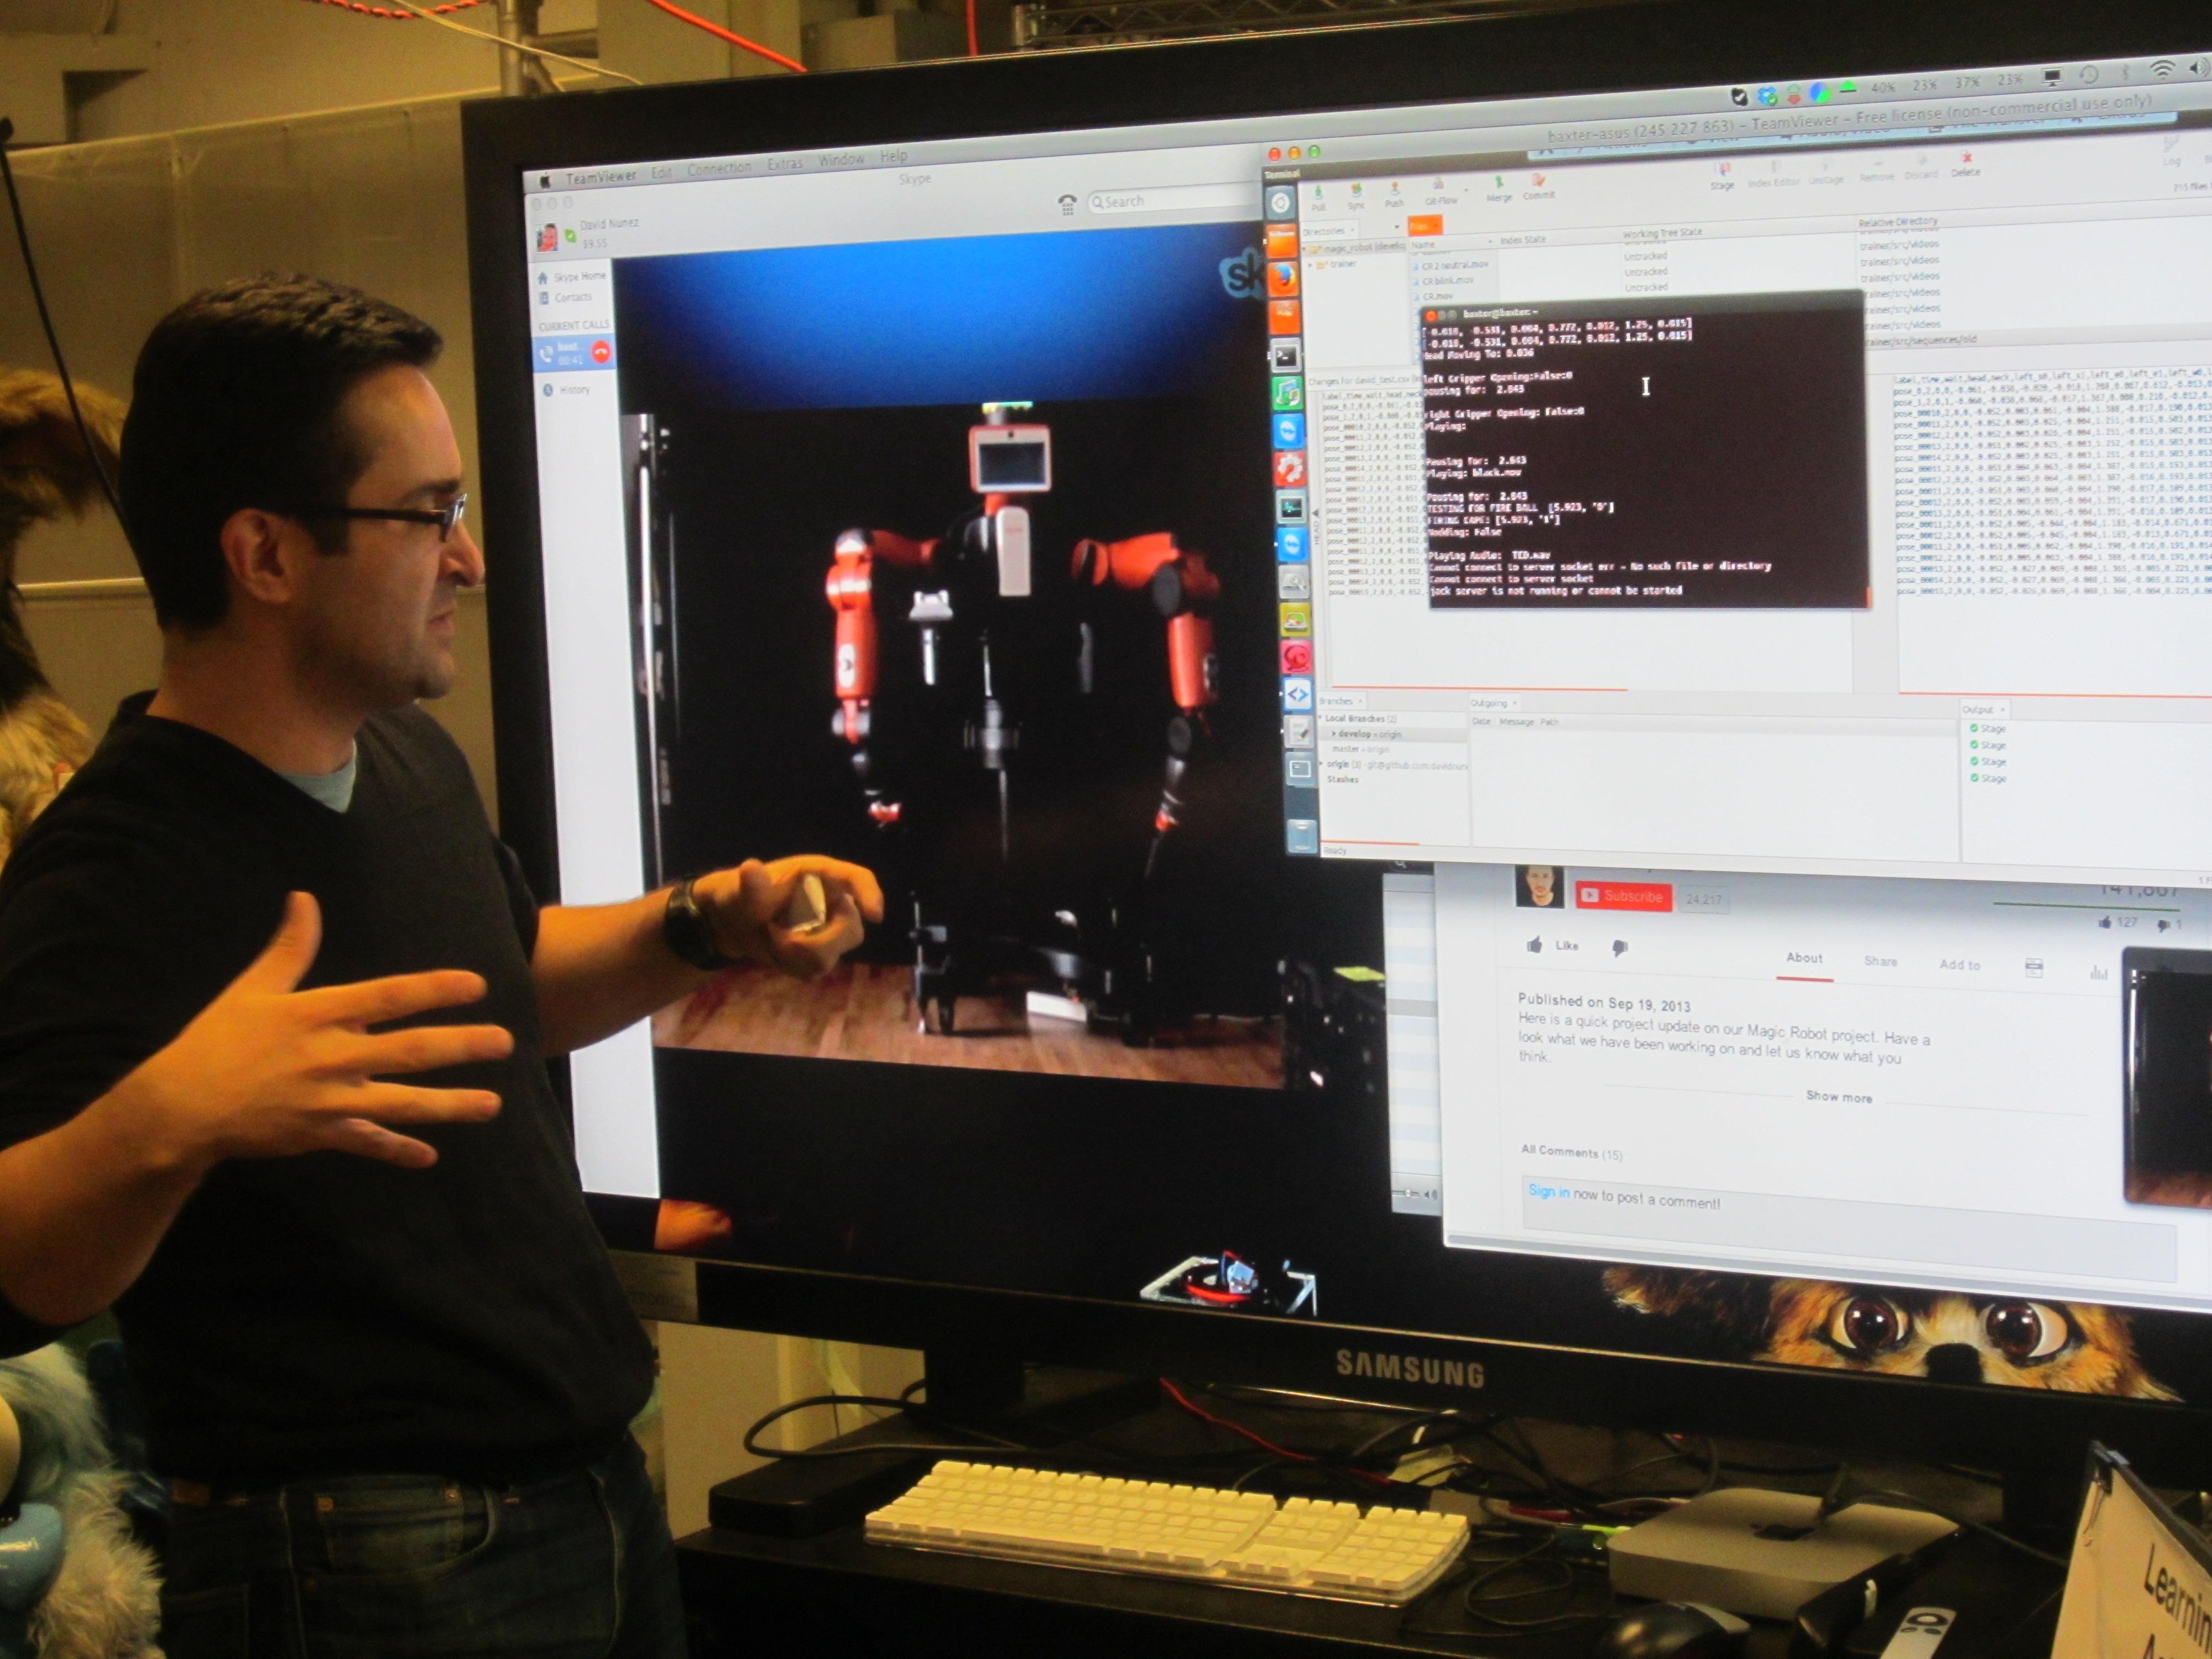 David Nunez communicates with customized Baxter robot via Skype.